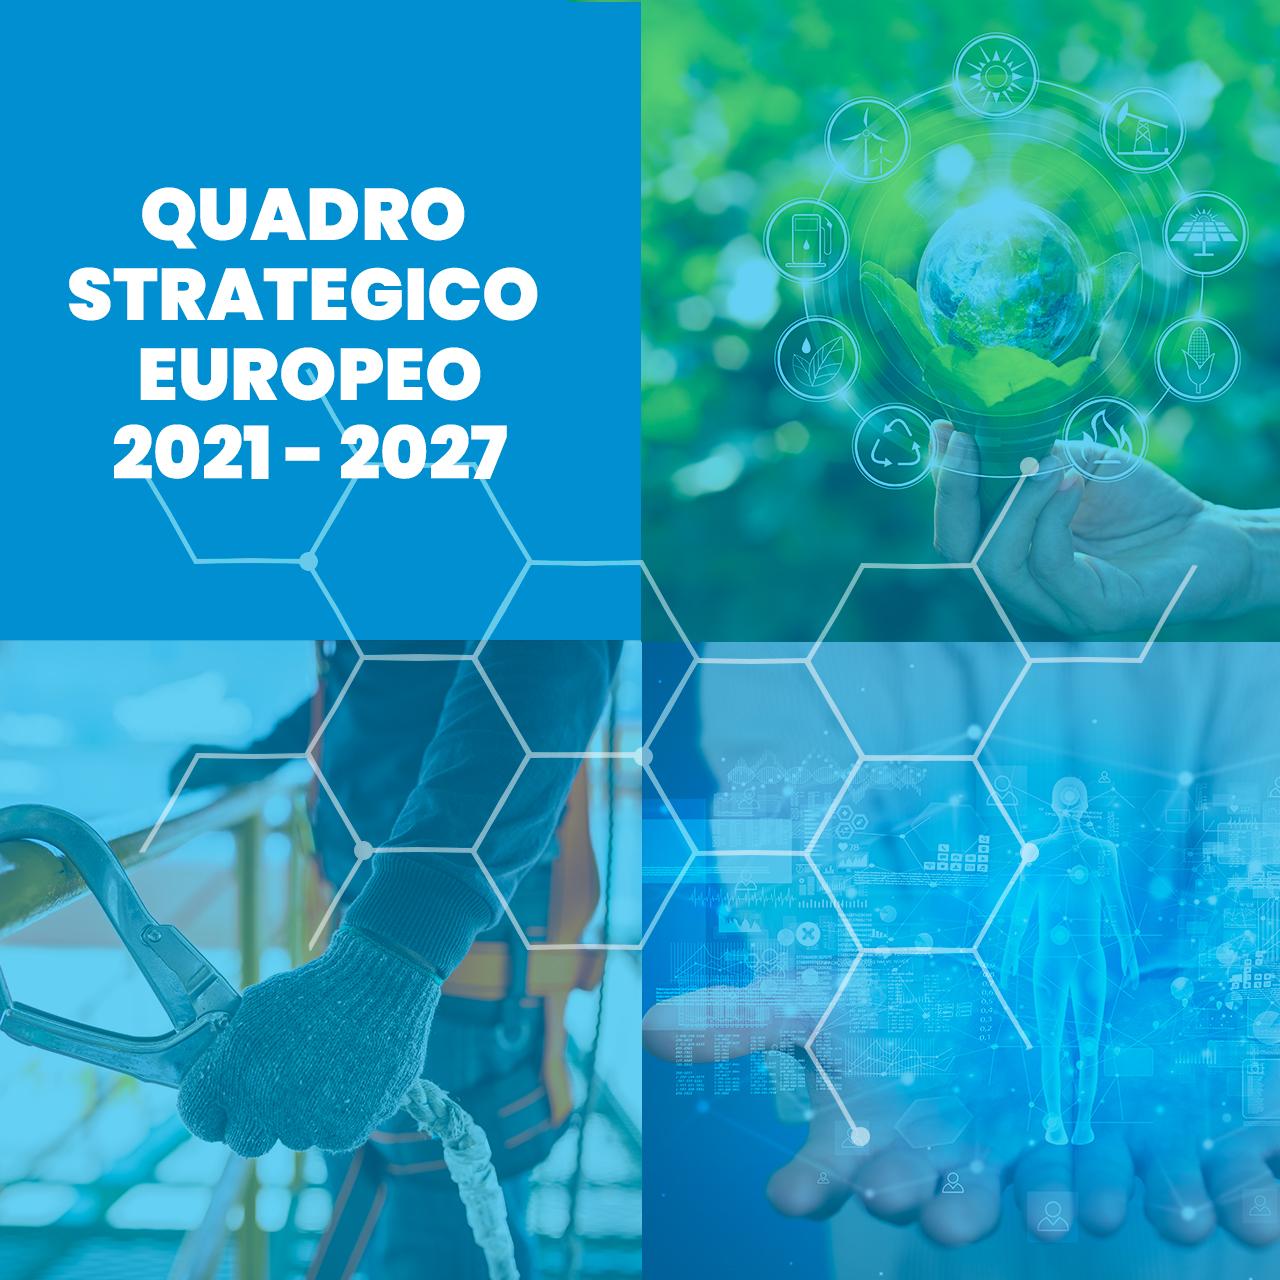 Quadro-strategico-europeo-Vision-Zero-salute-sicurezza-luoghi-lavoro